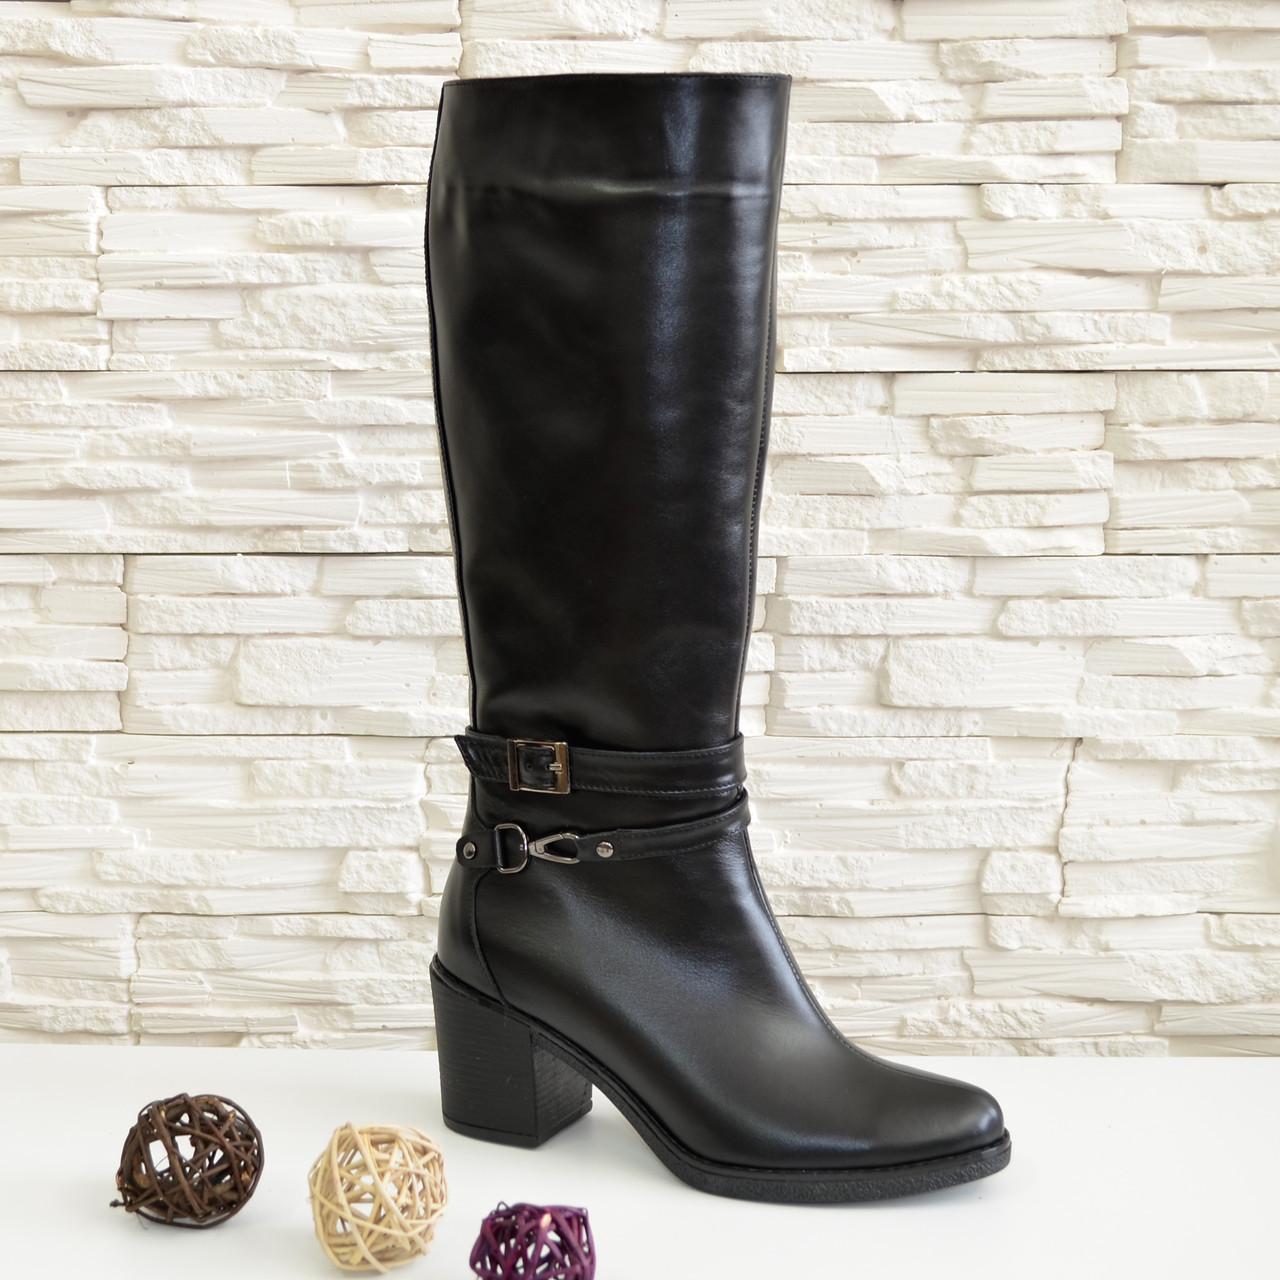 e6be8ec4b Женские зимние черные кожаные сапоги на устойчивом каблуке, 37 размер